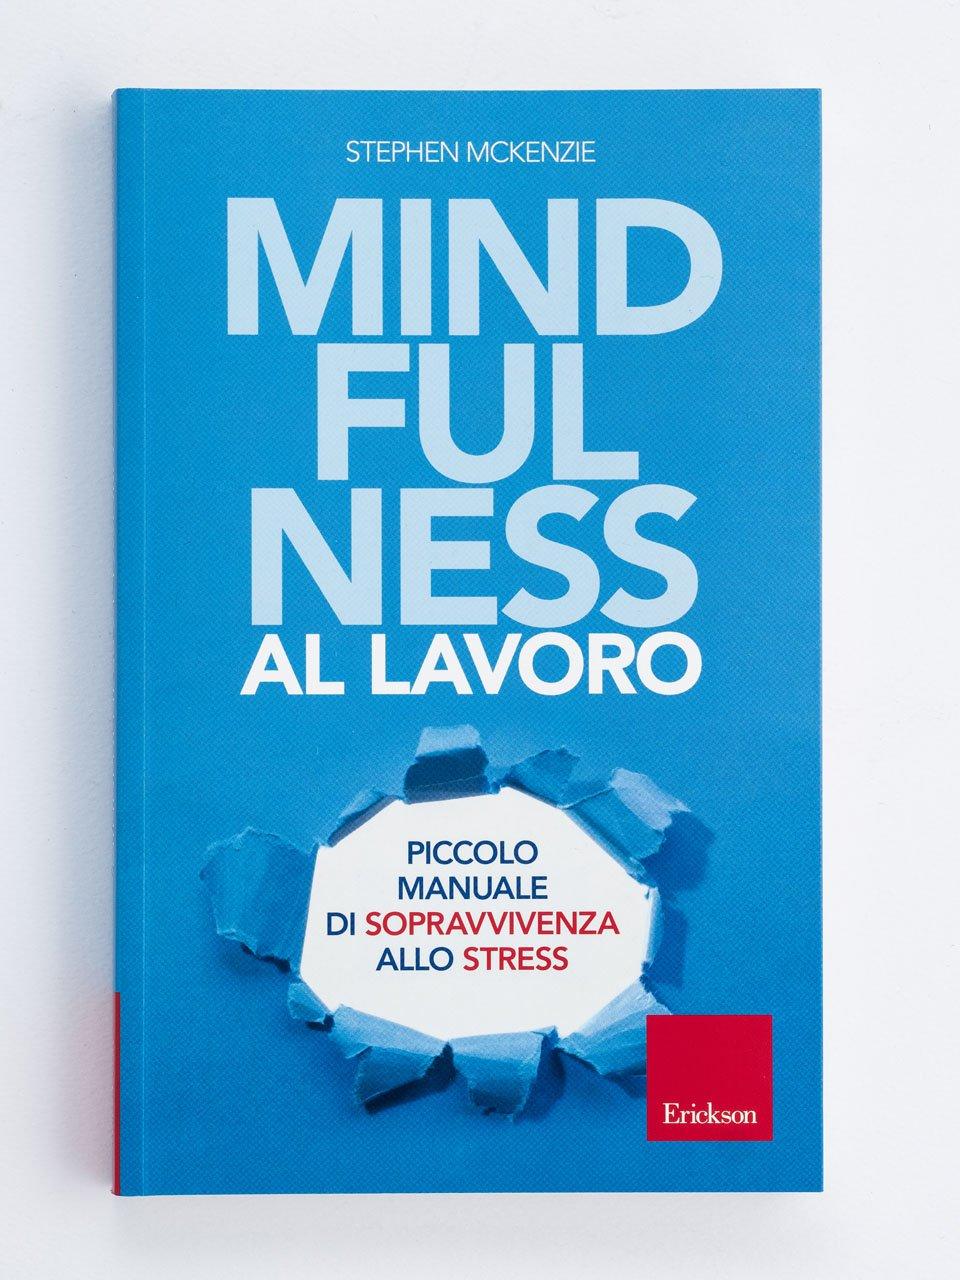 Mindfulness al lavoro - Migliorare la propria vita con la mindfulness - Erickson